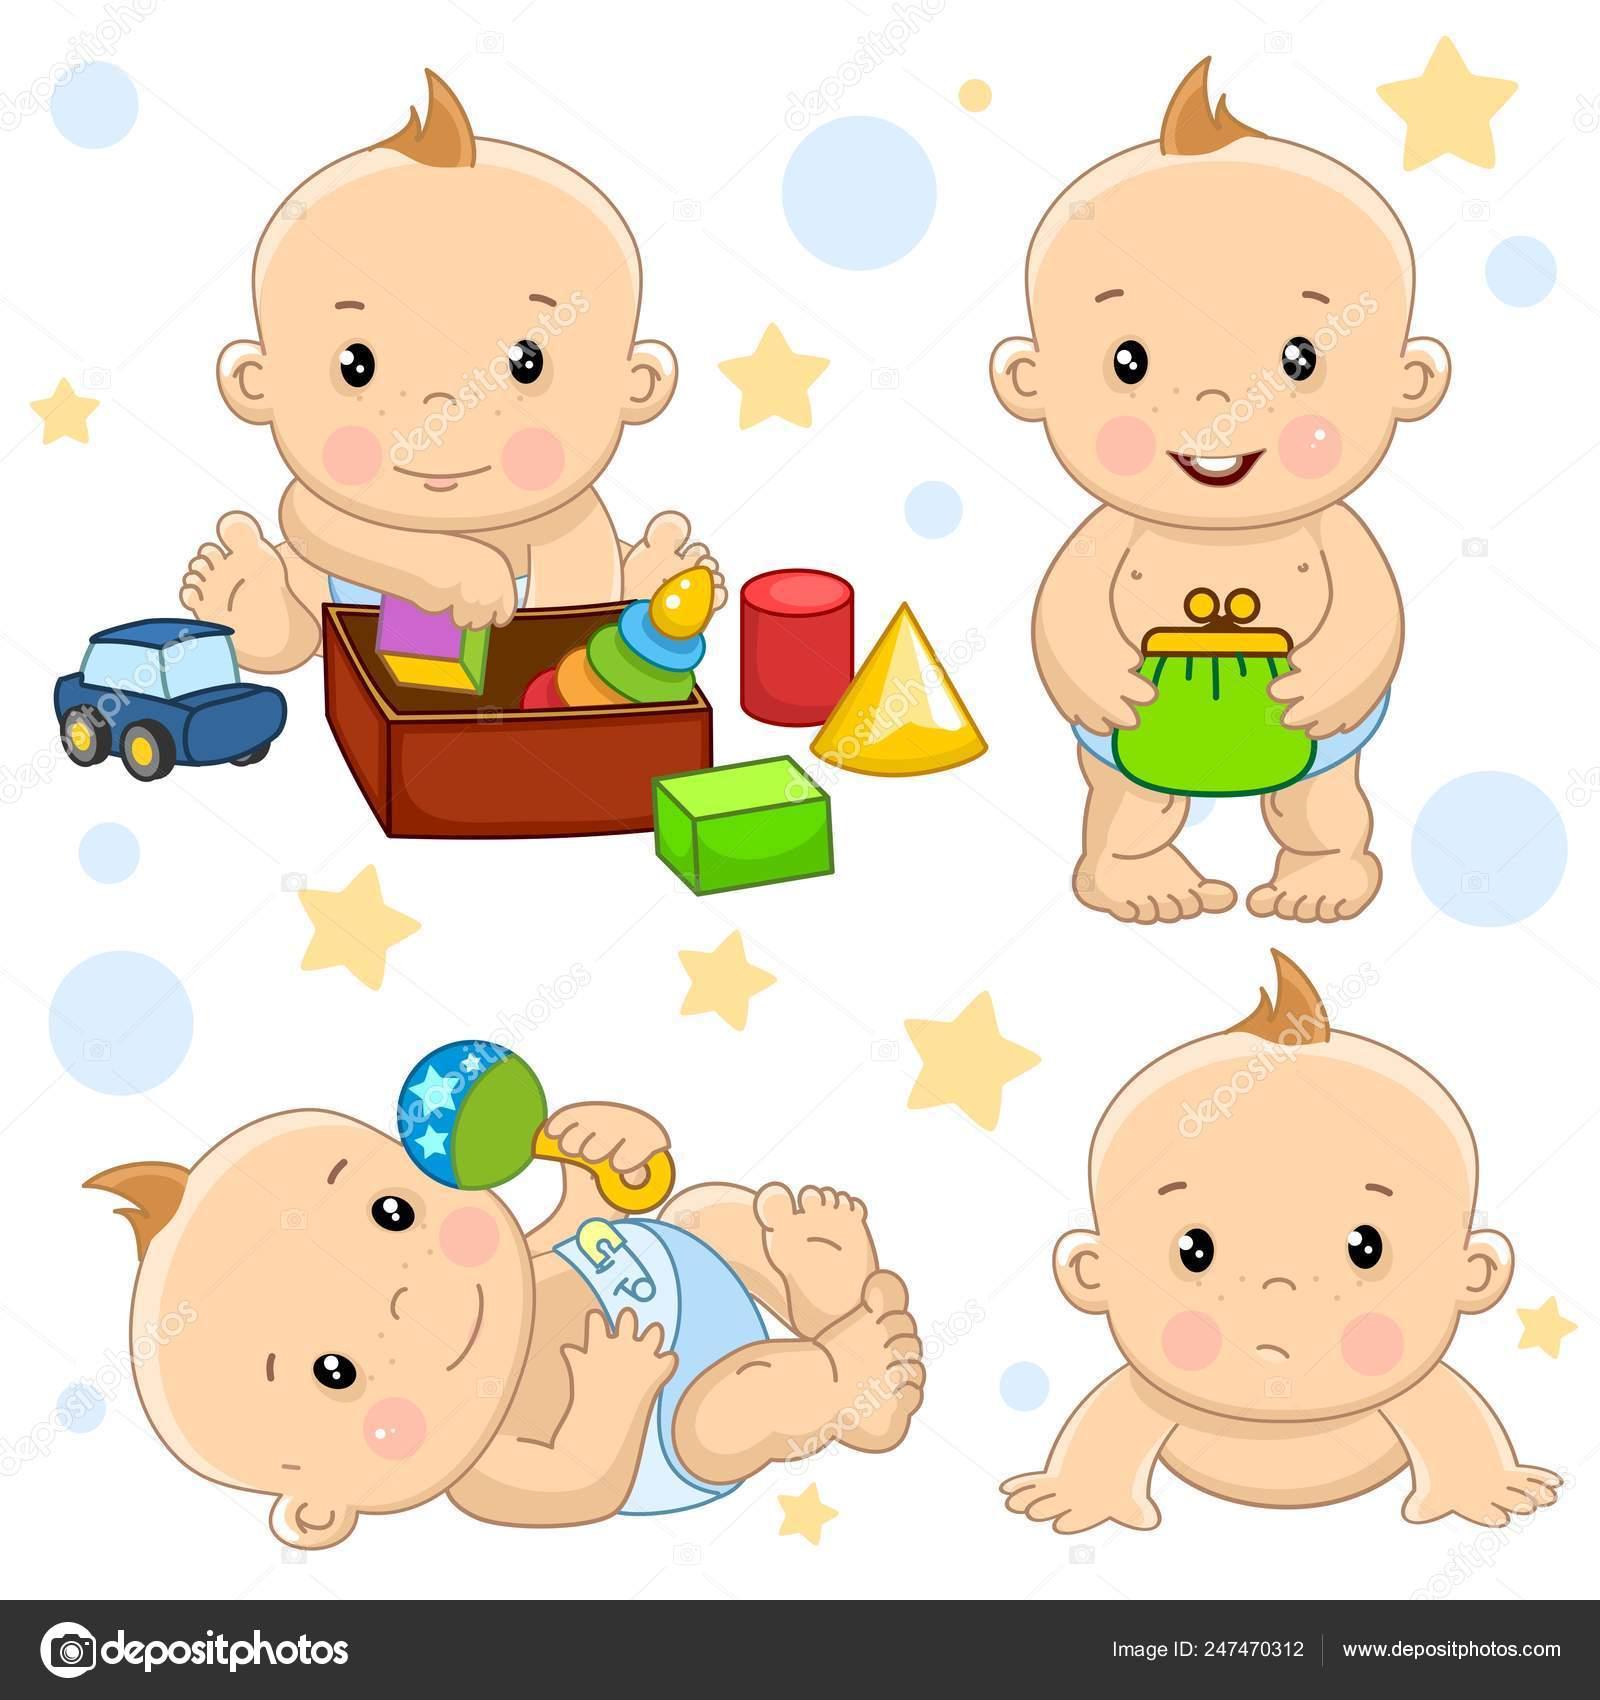 Ilustraciones Diseño Nacido Niño Para Niños Recién Conjunto Pequeño QdCoeExBrW